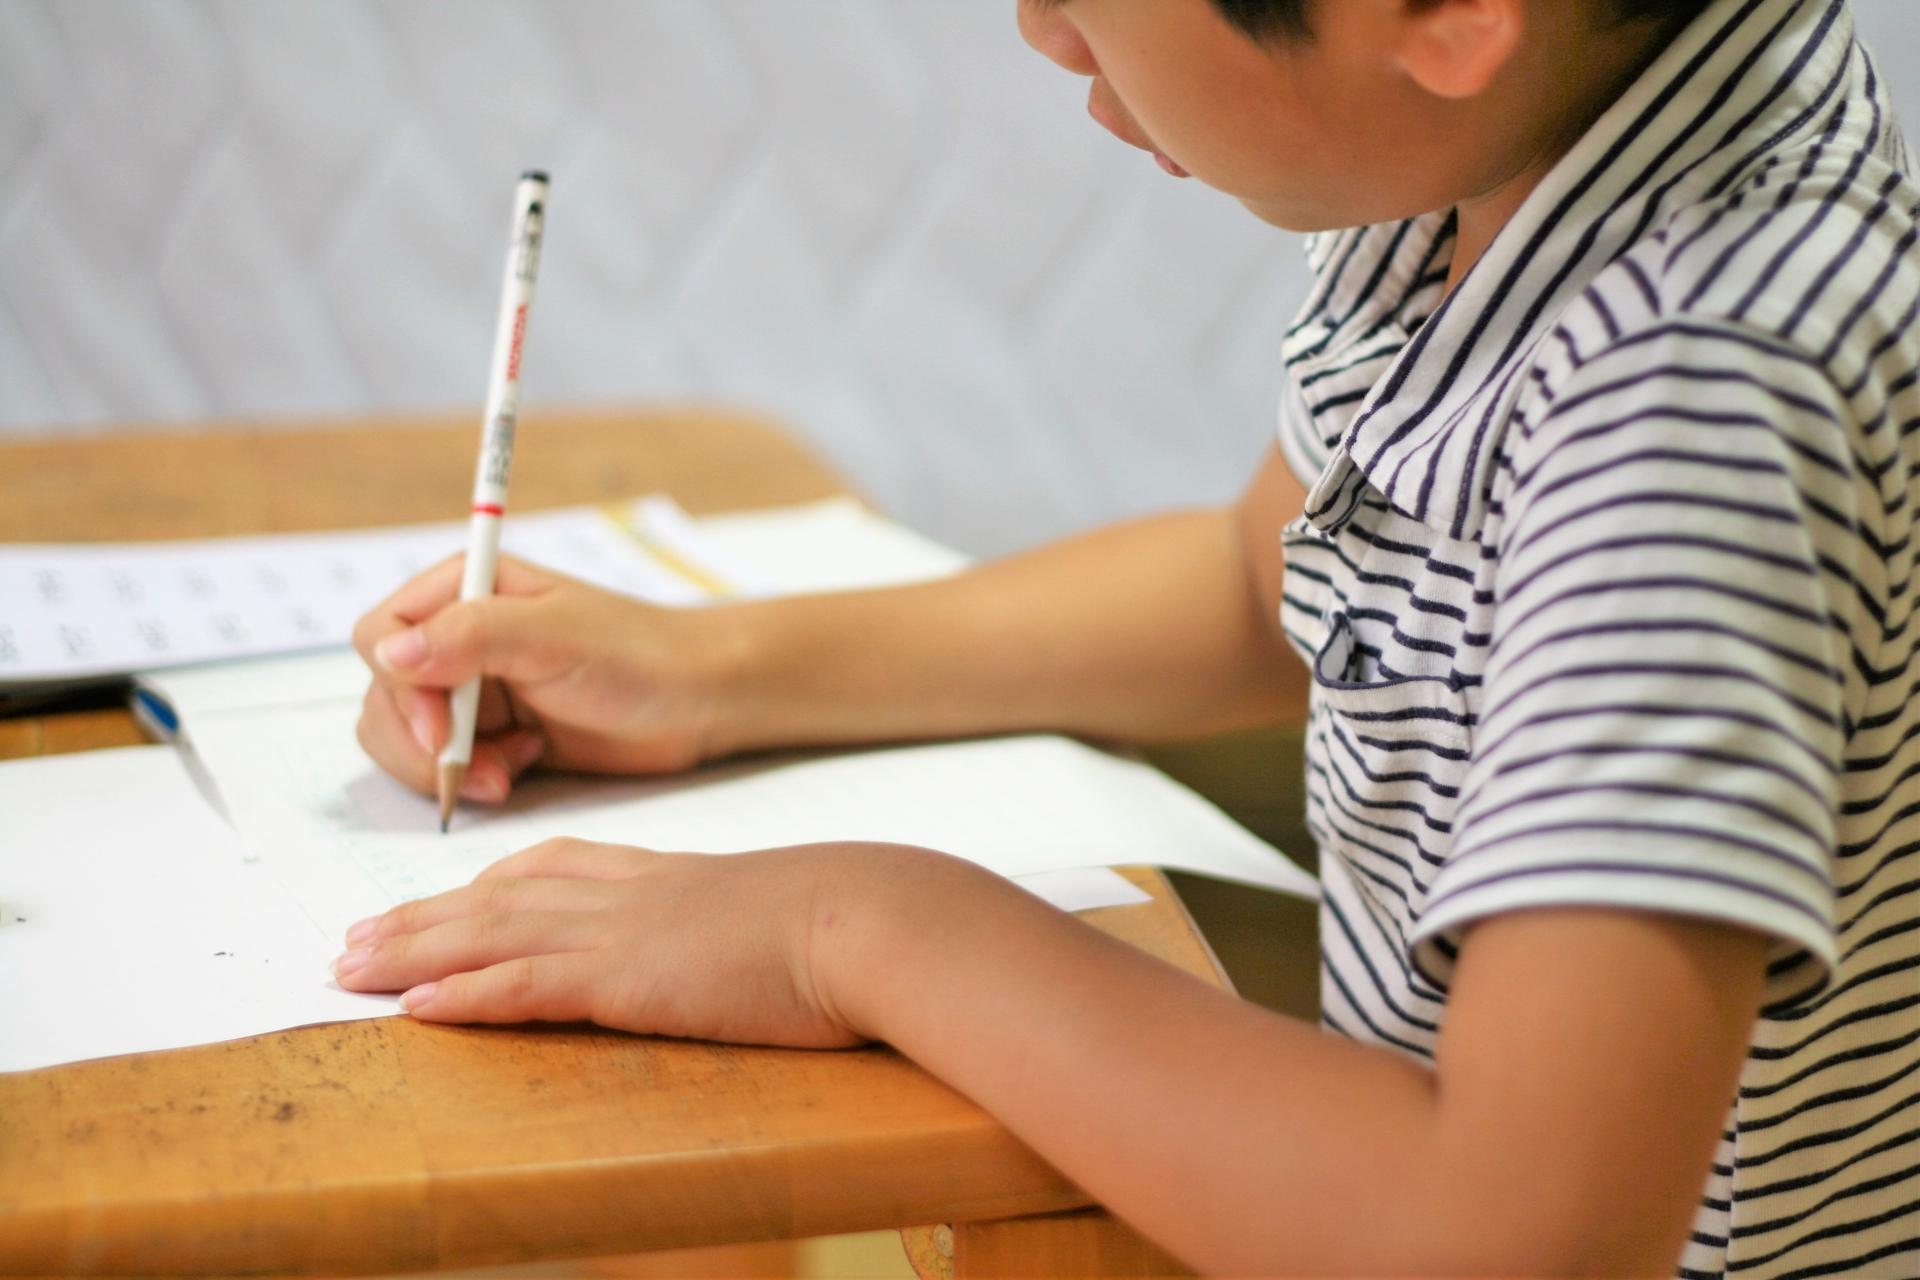 千葉県内の学習塾の事業譲渡